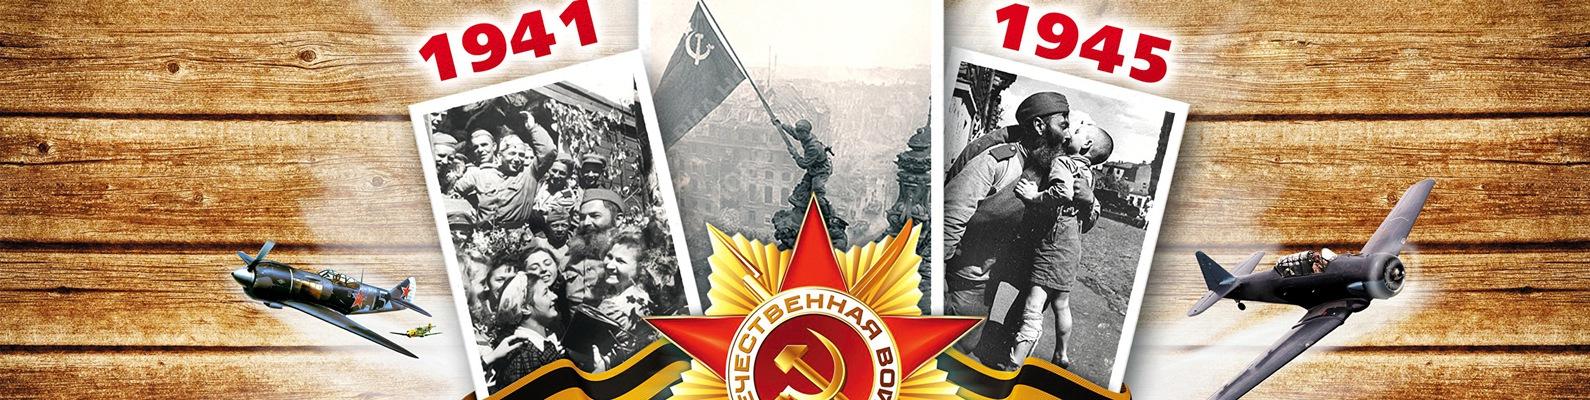 Фото на фейсбук обложка ко дню победы